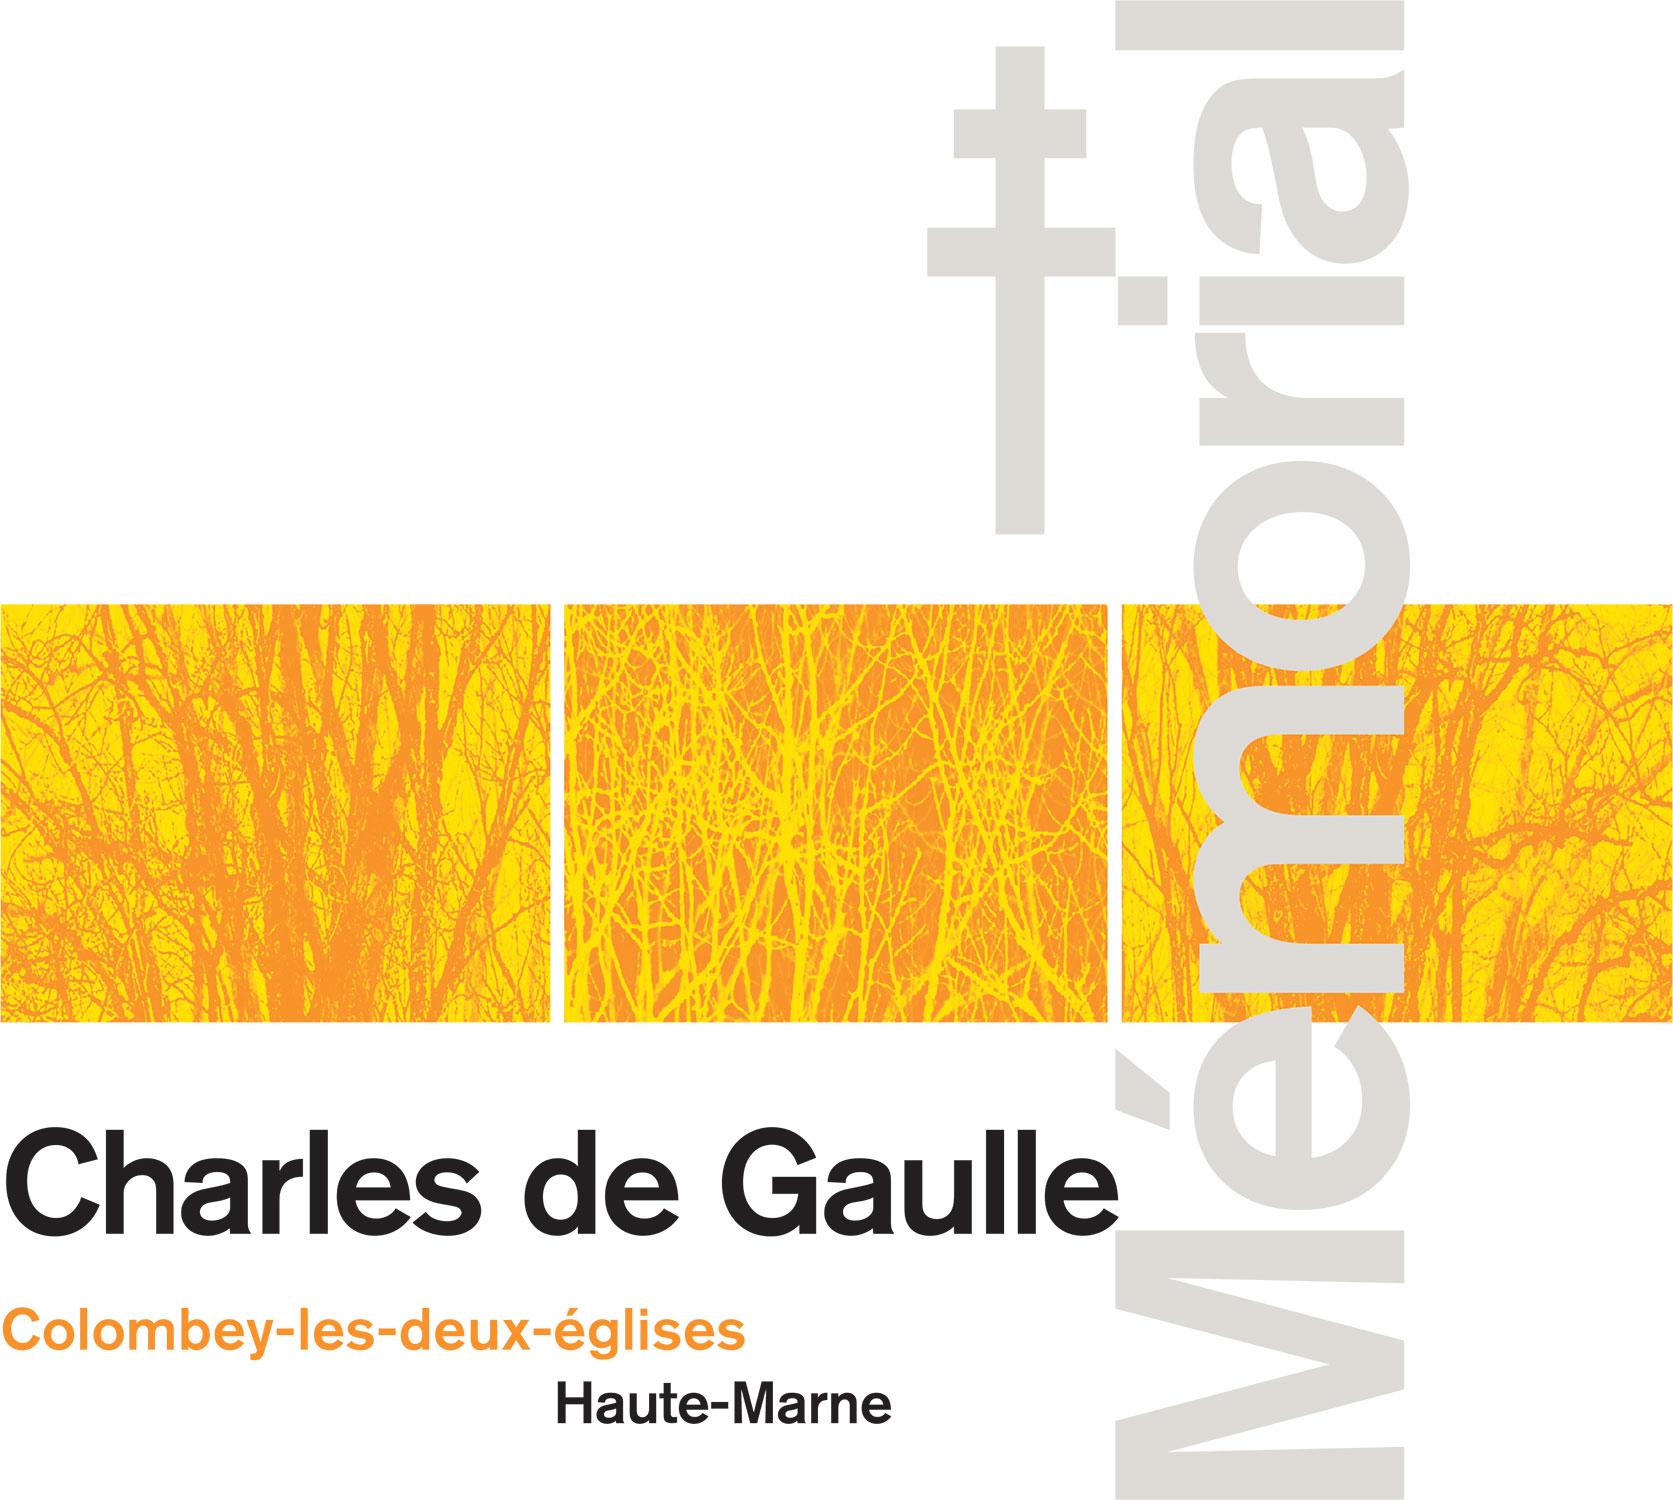 Mmorial Charles De Gaulle 2008 Cration Du Logotype La Charte Graphique Signaltique Et Des Supports Communication Cartes Visite